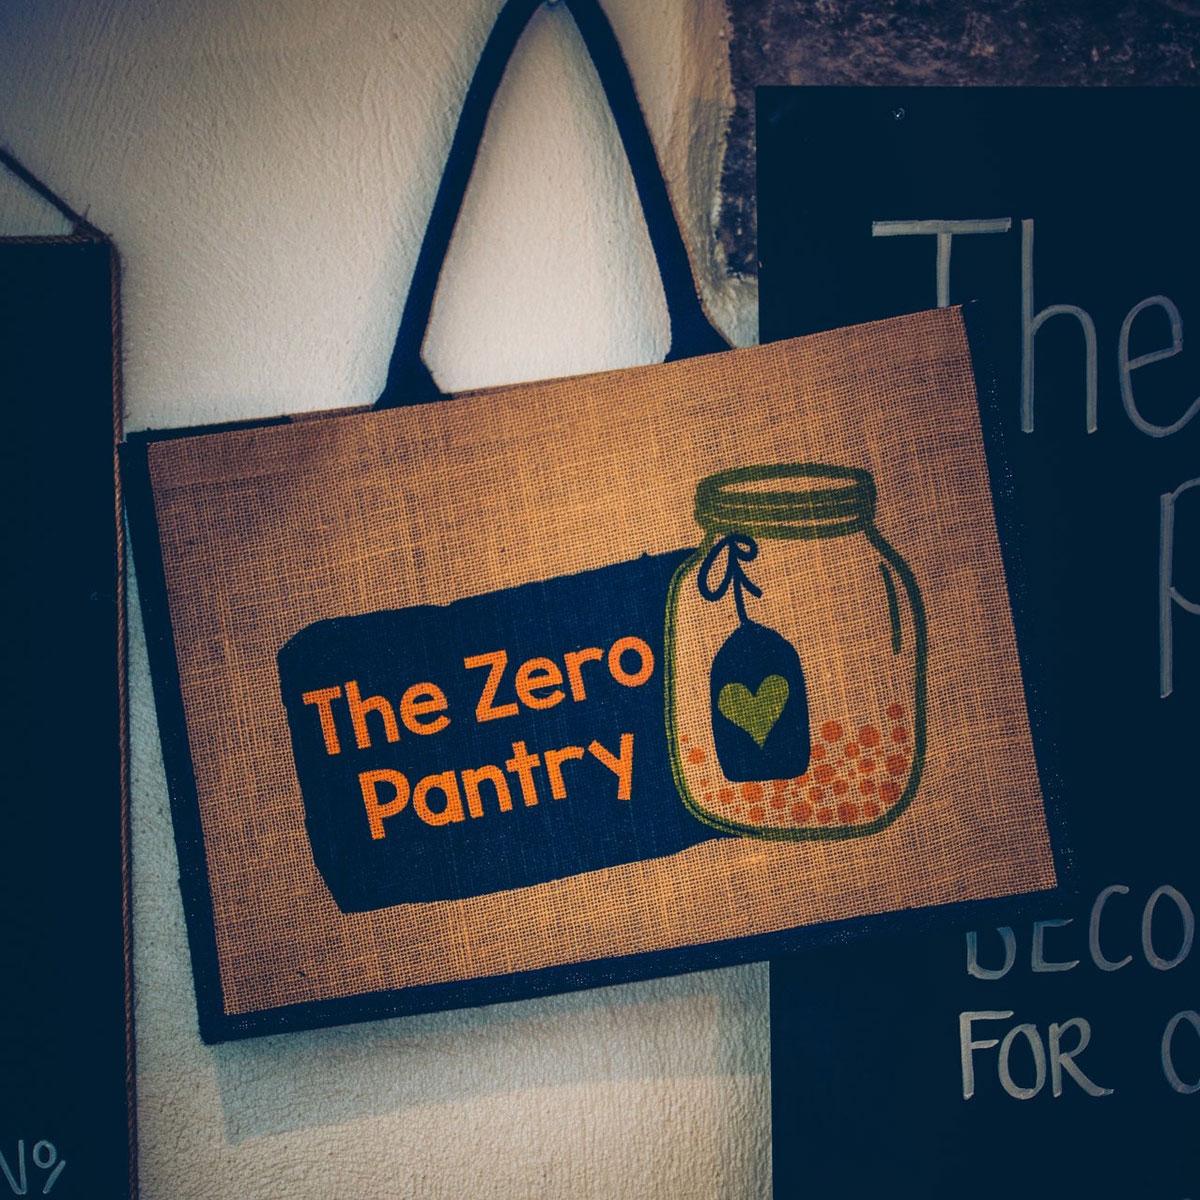 The Zero Pantry